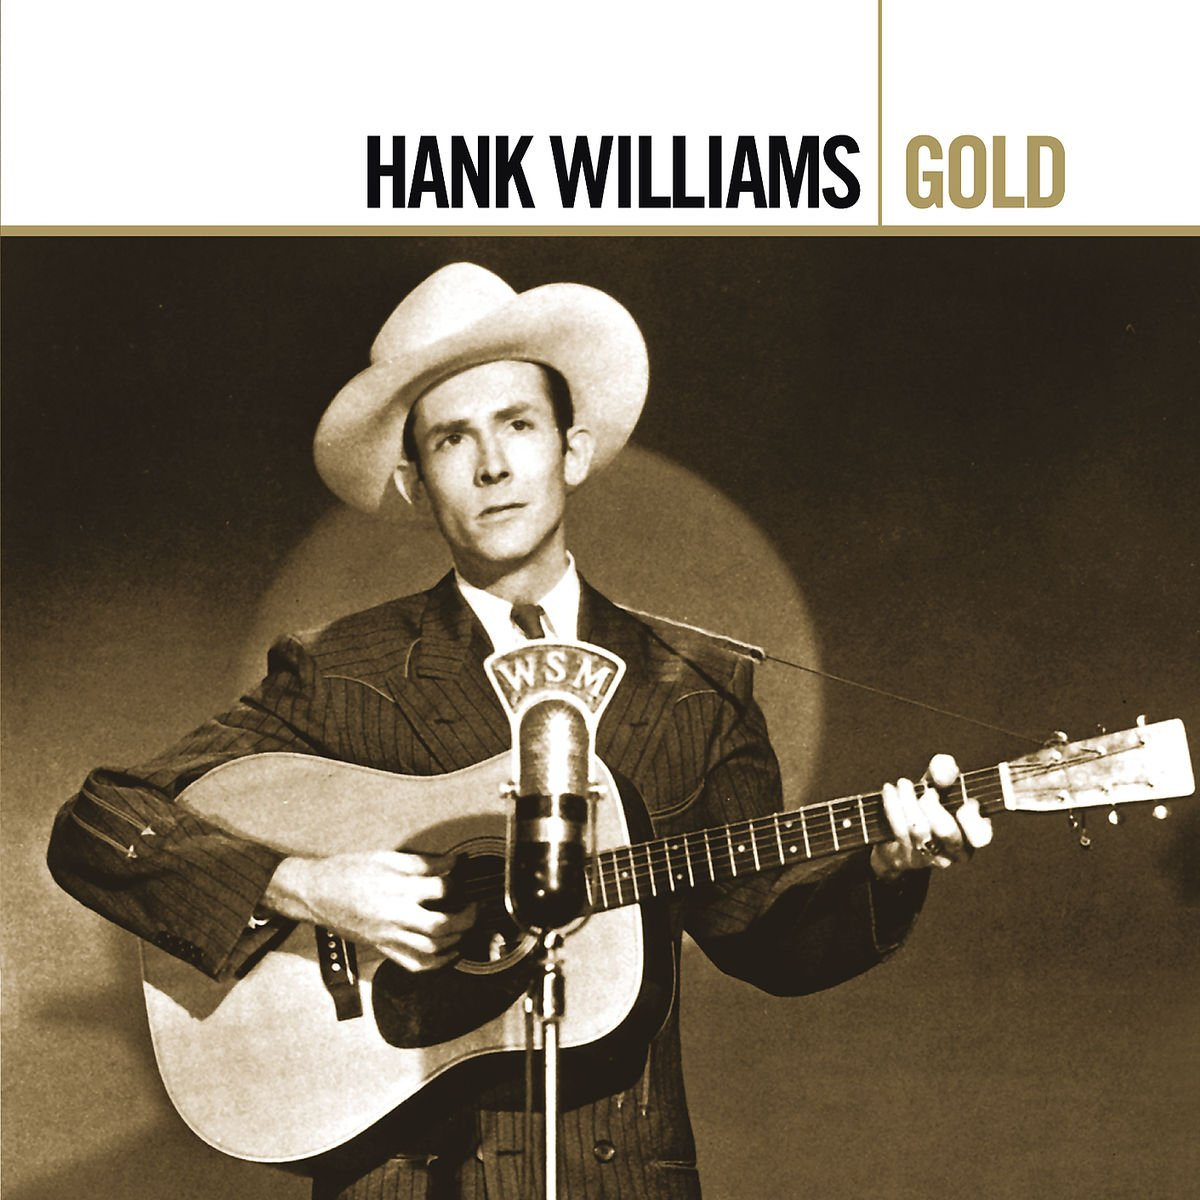 """Hank Williams """"Gold"""" album cover"""